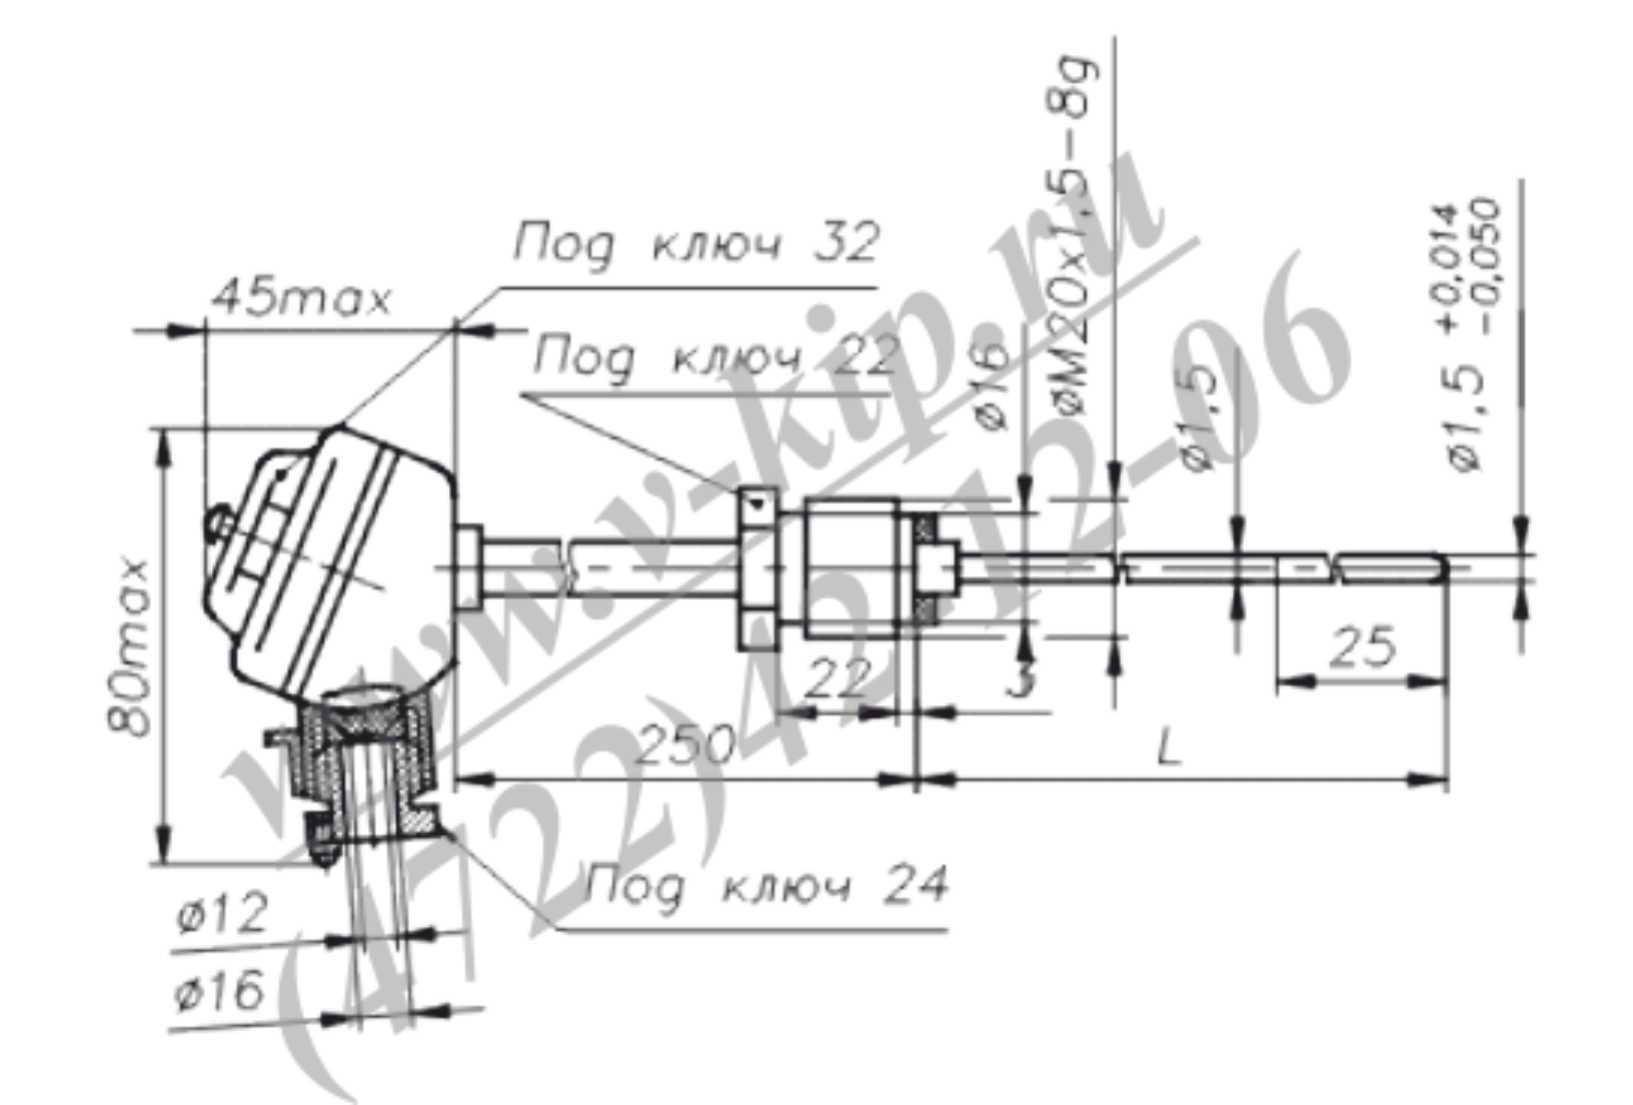 ТХА-1690В, ТХК-1690В термопреобразователи - габаритная схема 1